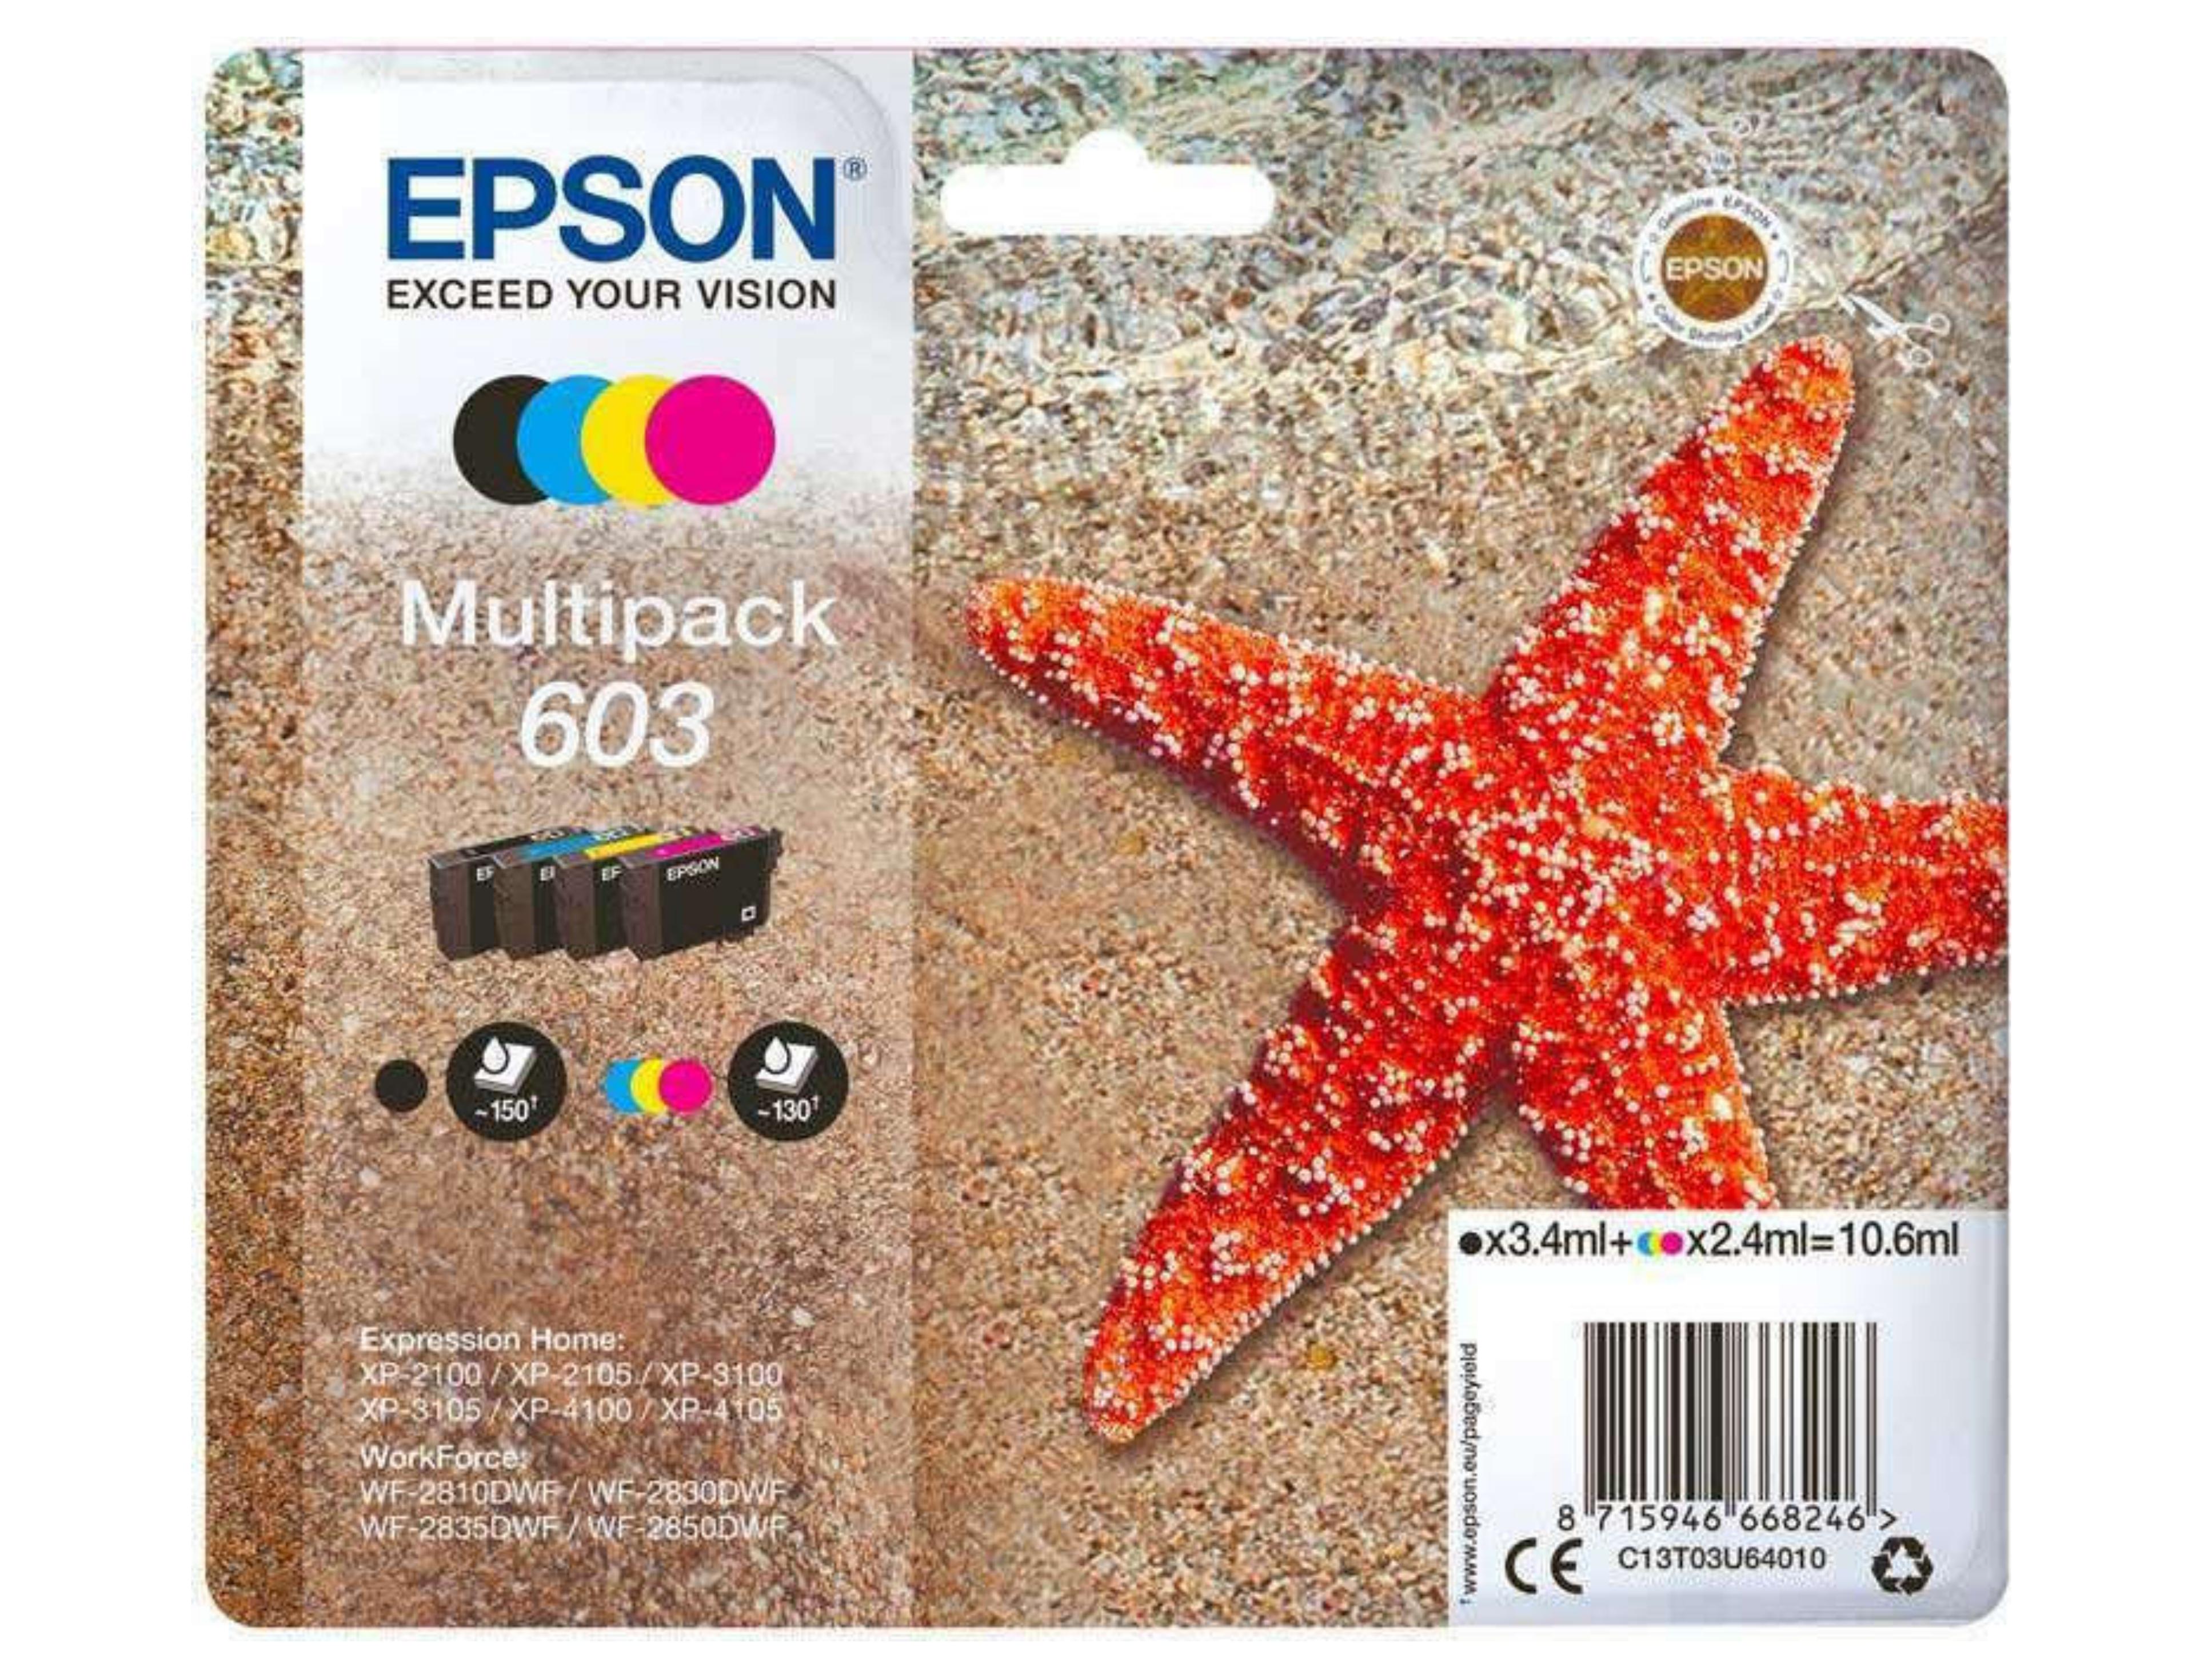 Μελάνι Epson Inkjet No 603 Multipack (C13T03U64010)